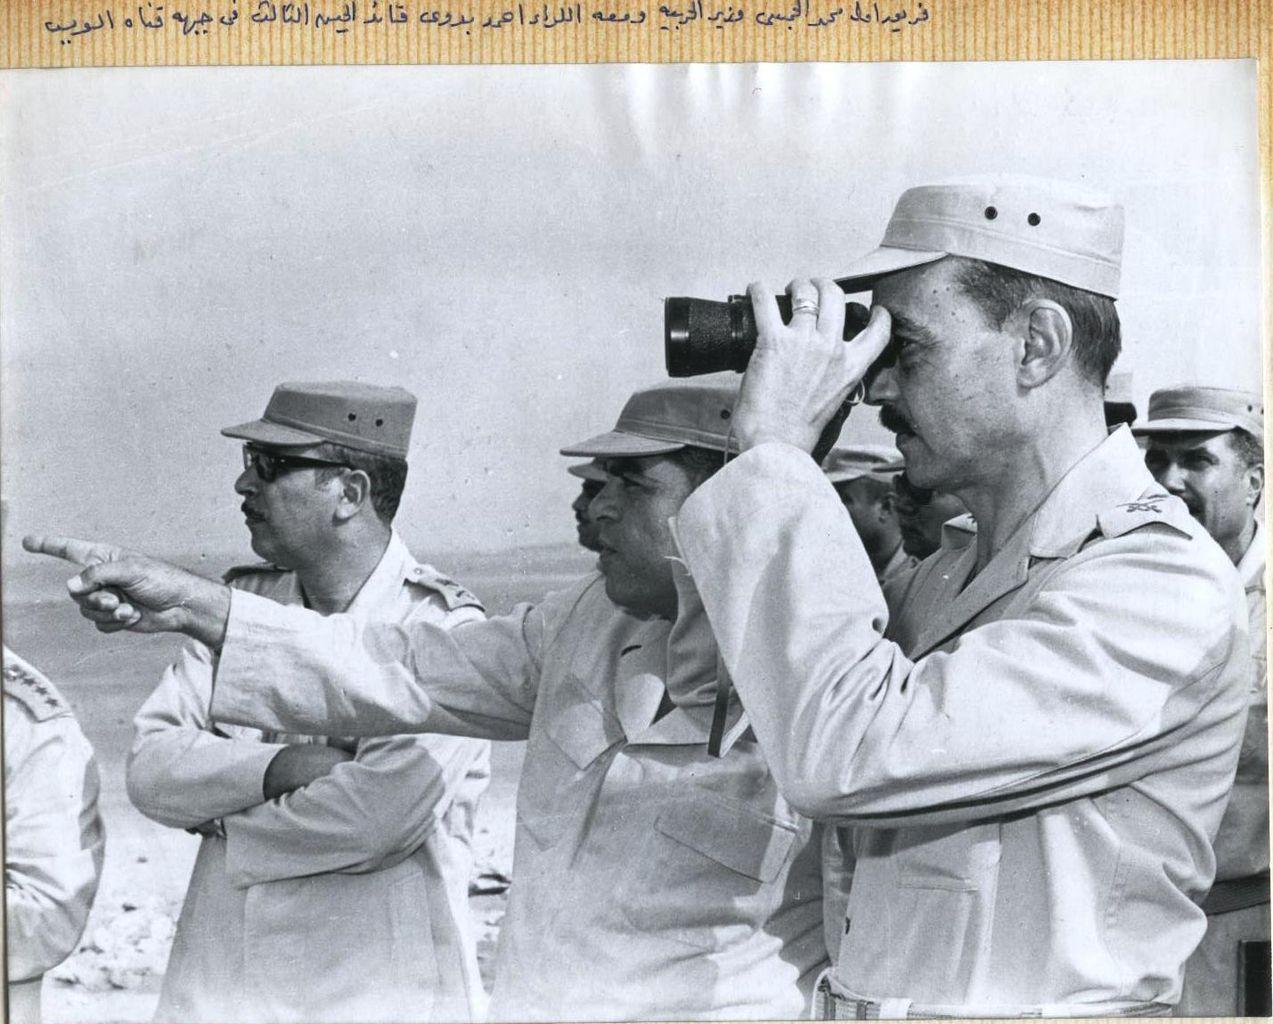 بمناسبة الذكرى الأربعين لحرب أكتوبر المجيدة: حوار ومقتطفات نادرة للبطل المشير محمد عبد الغني الجمسي 1273px-Gamsi_Badawi_-_Third_Army